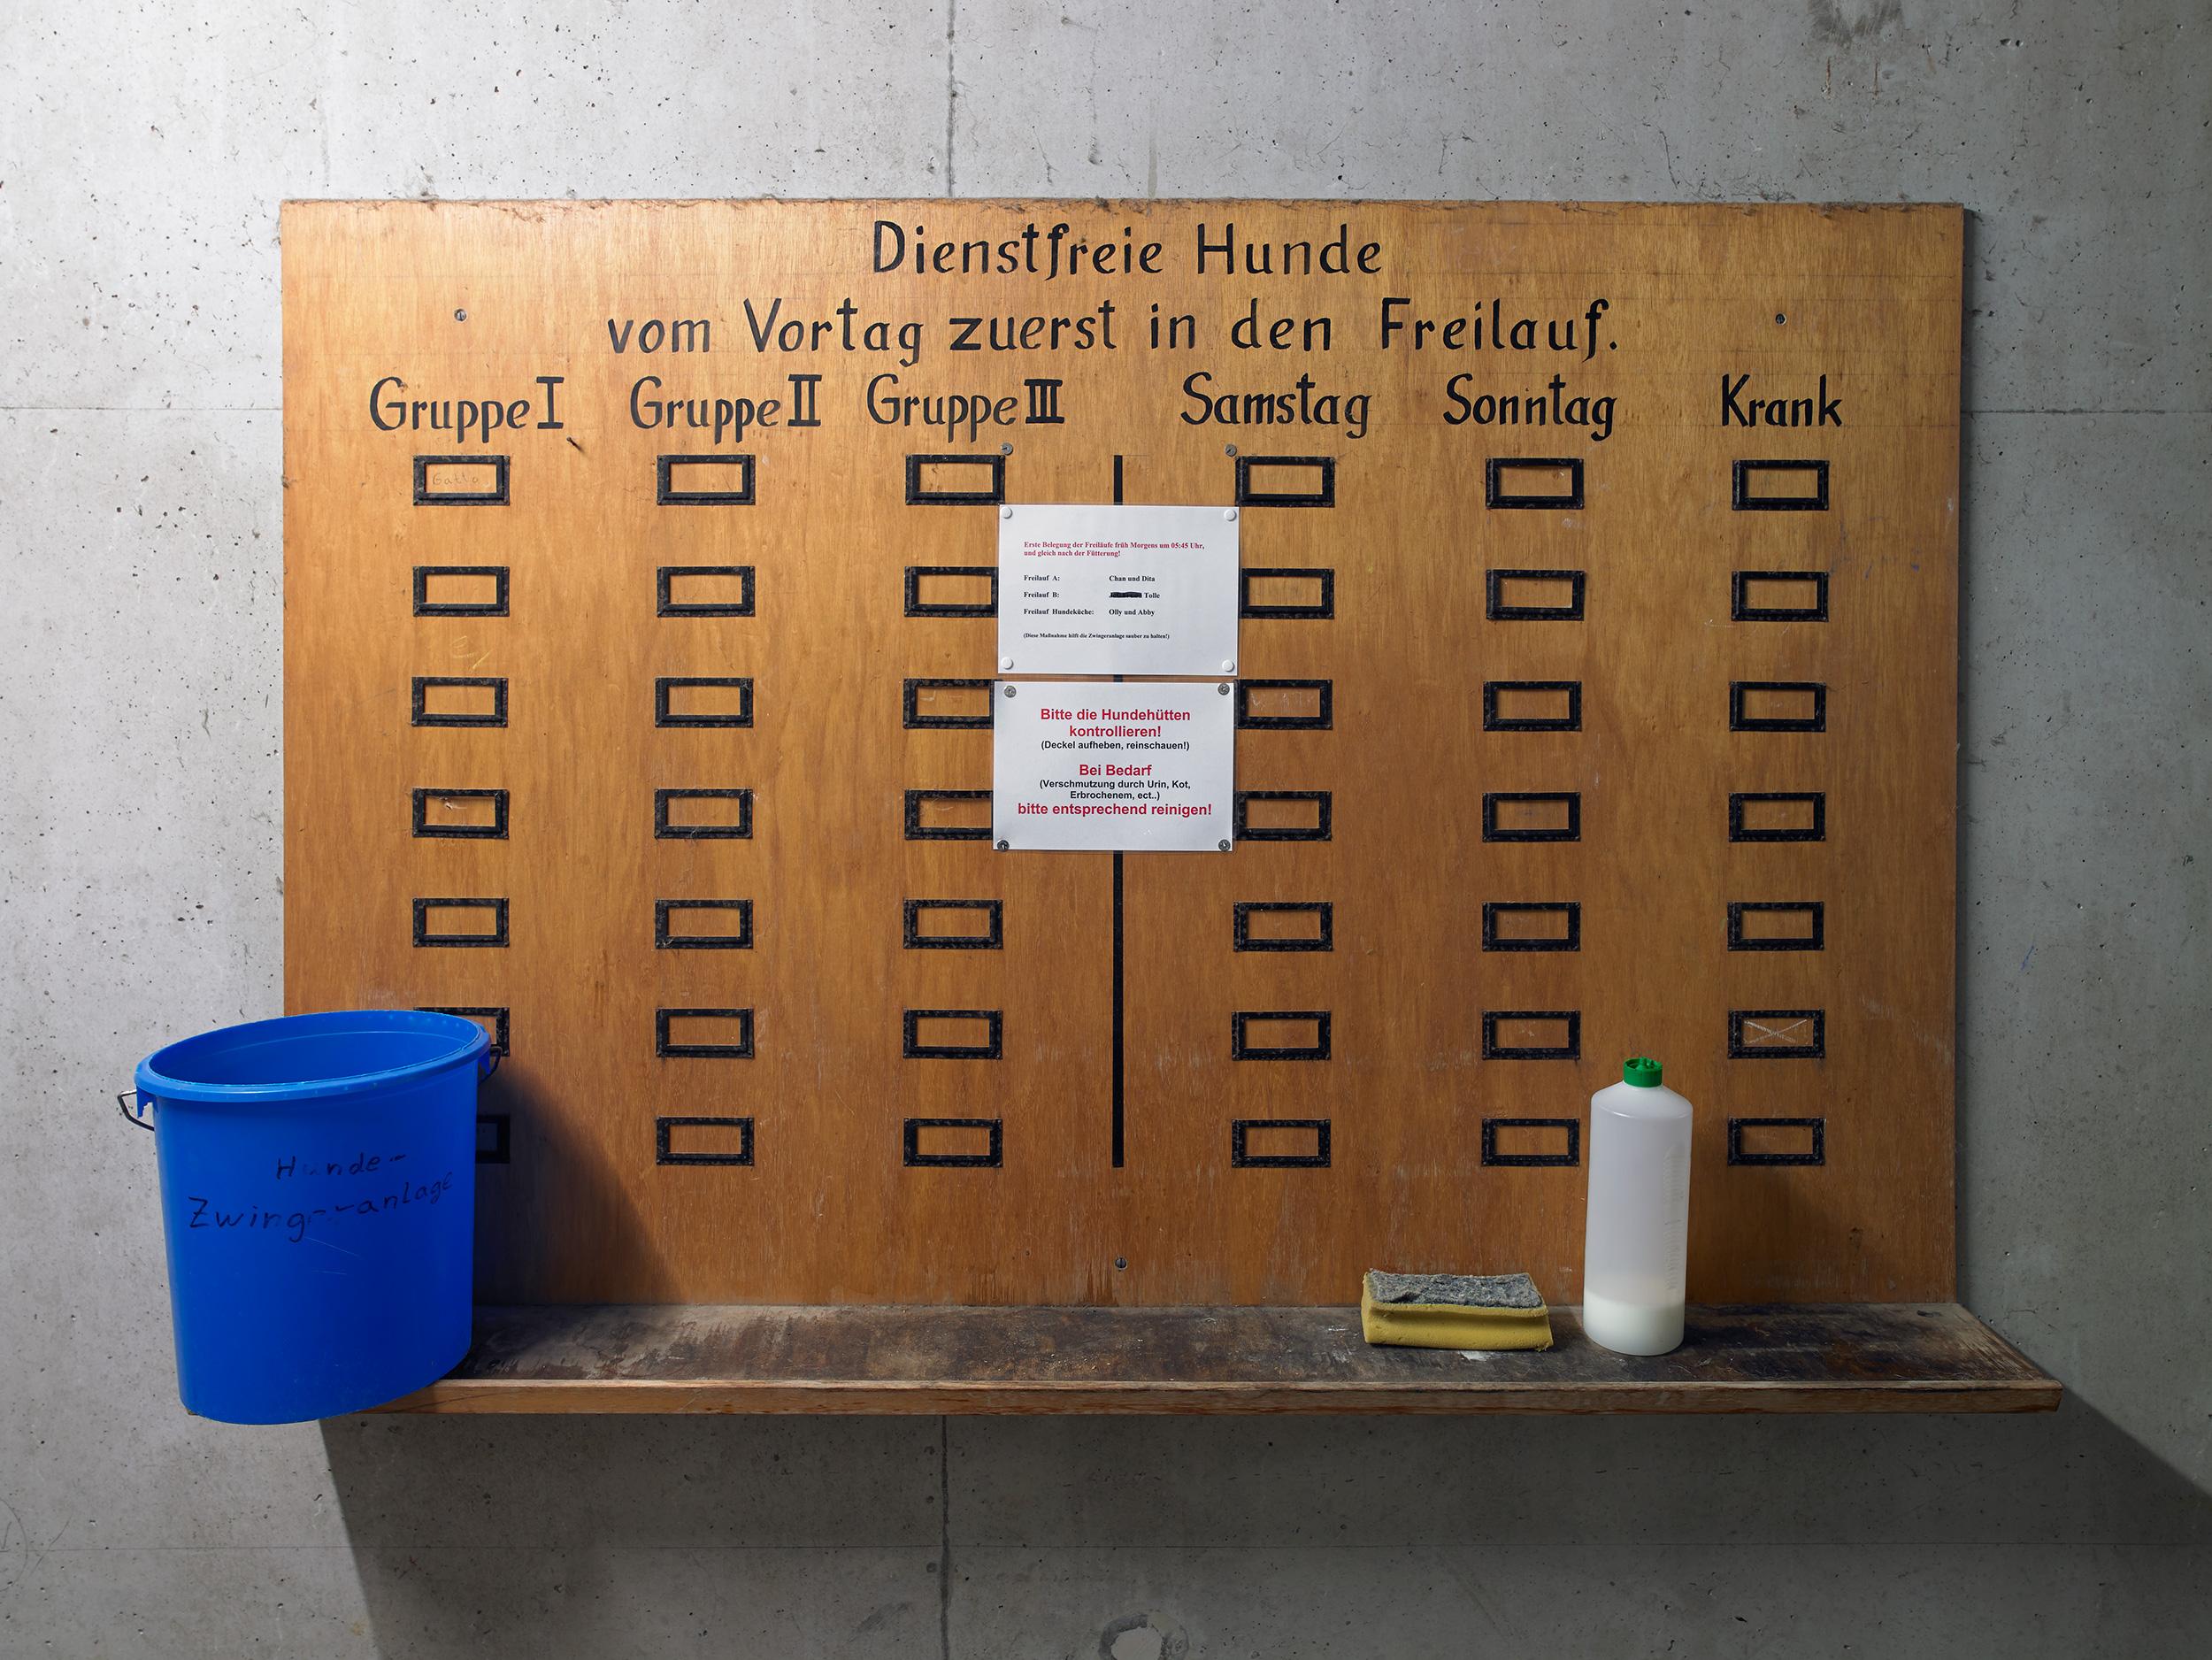 Sieveking_Verlag_Schlüter_Pullach_51__web